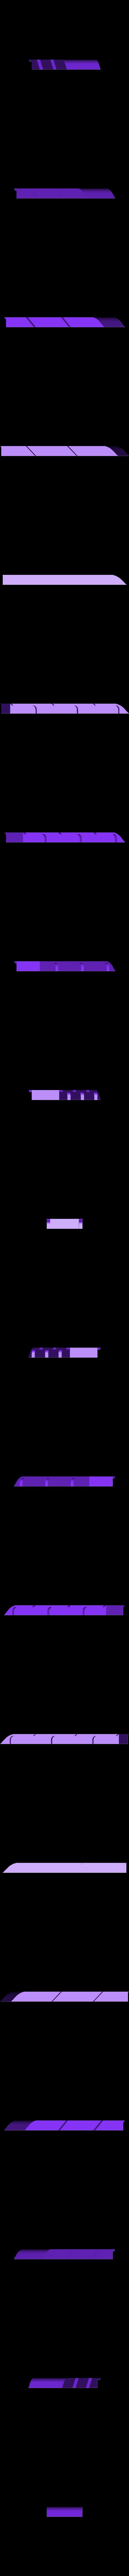 bafang_battery.stl Télécharger fichier STL gratuit Porte-piles Bafang ou REENTION Polly DP-5 • Modèle pour imprimante 3D, jorisnysthoven